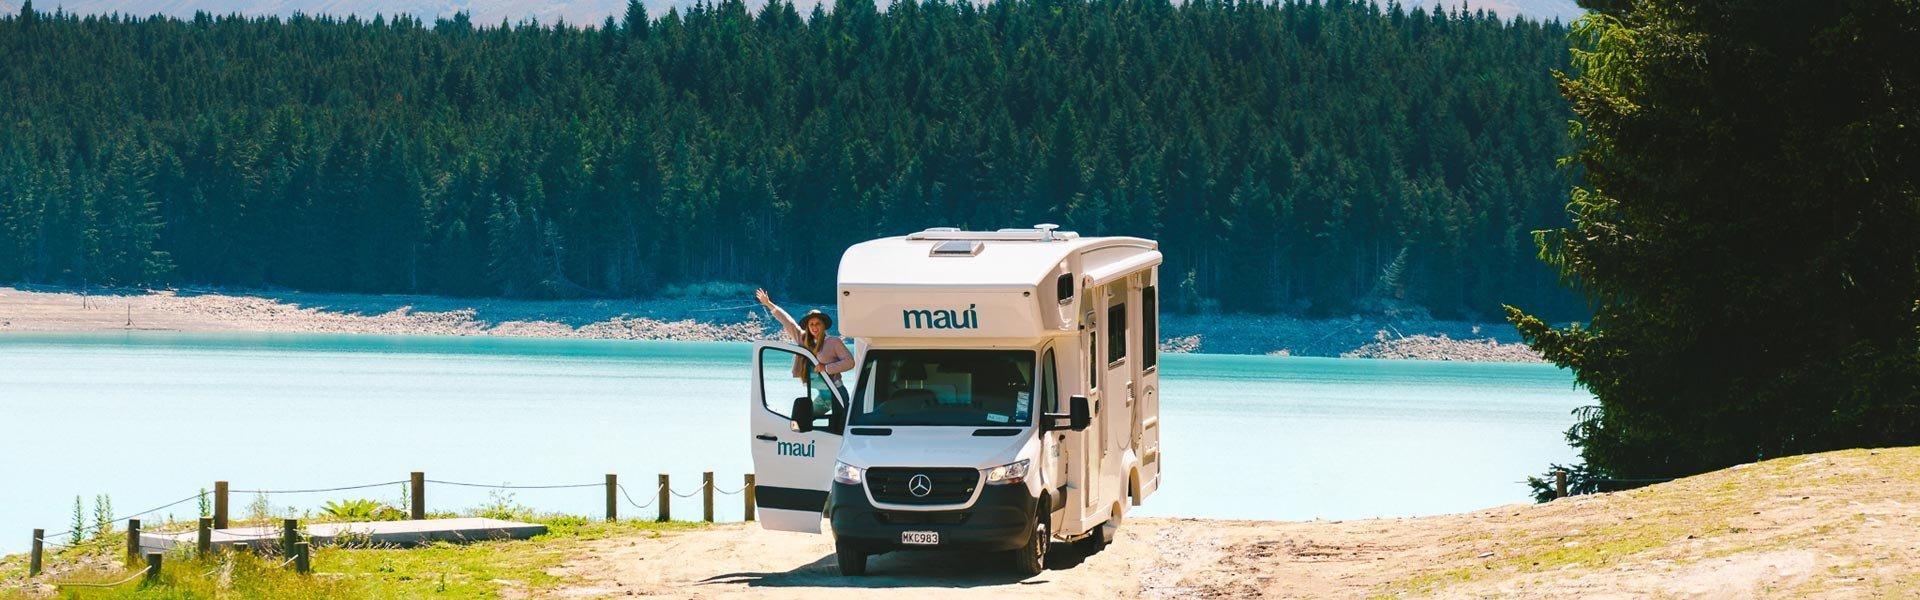 Maak een camperreis door Nieuw Zeeland met Maui